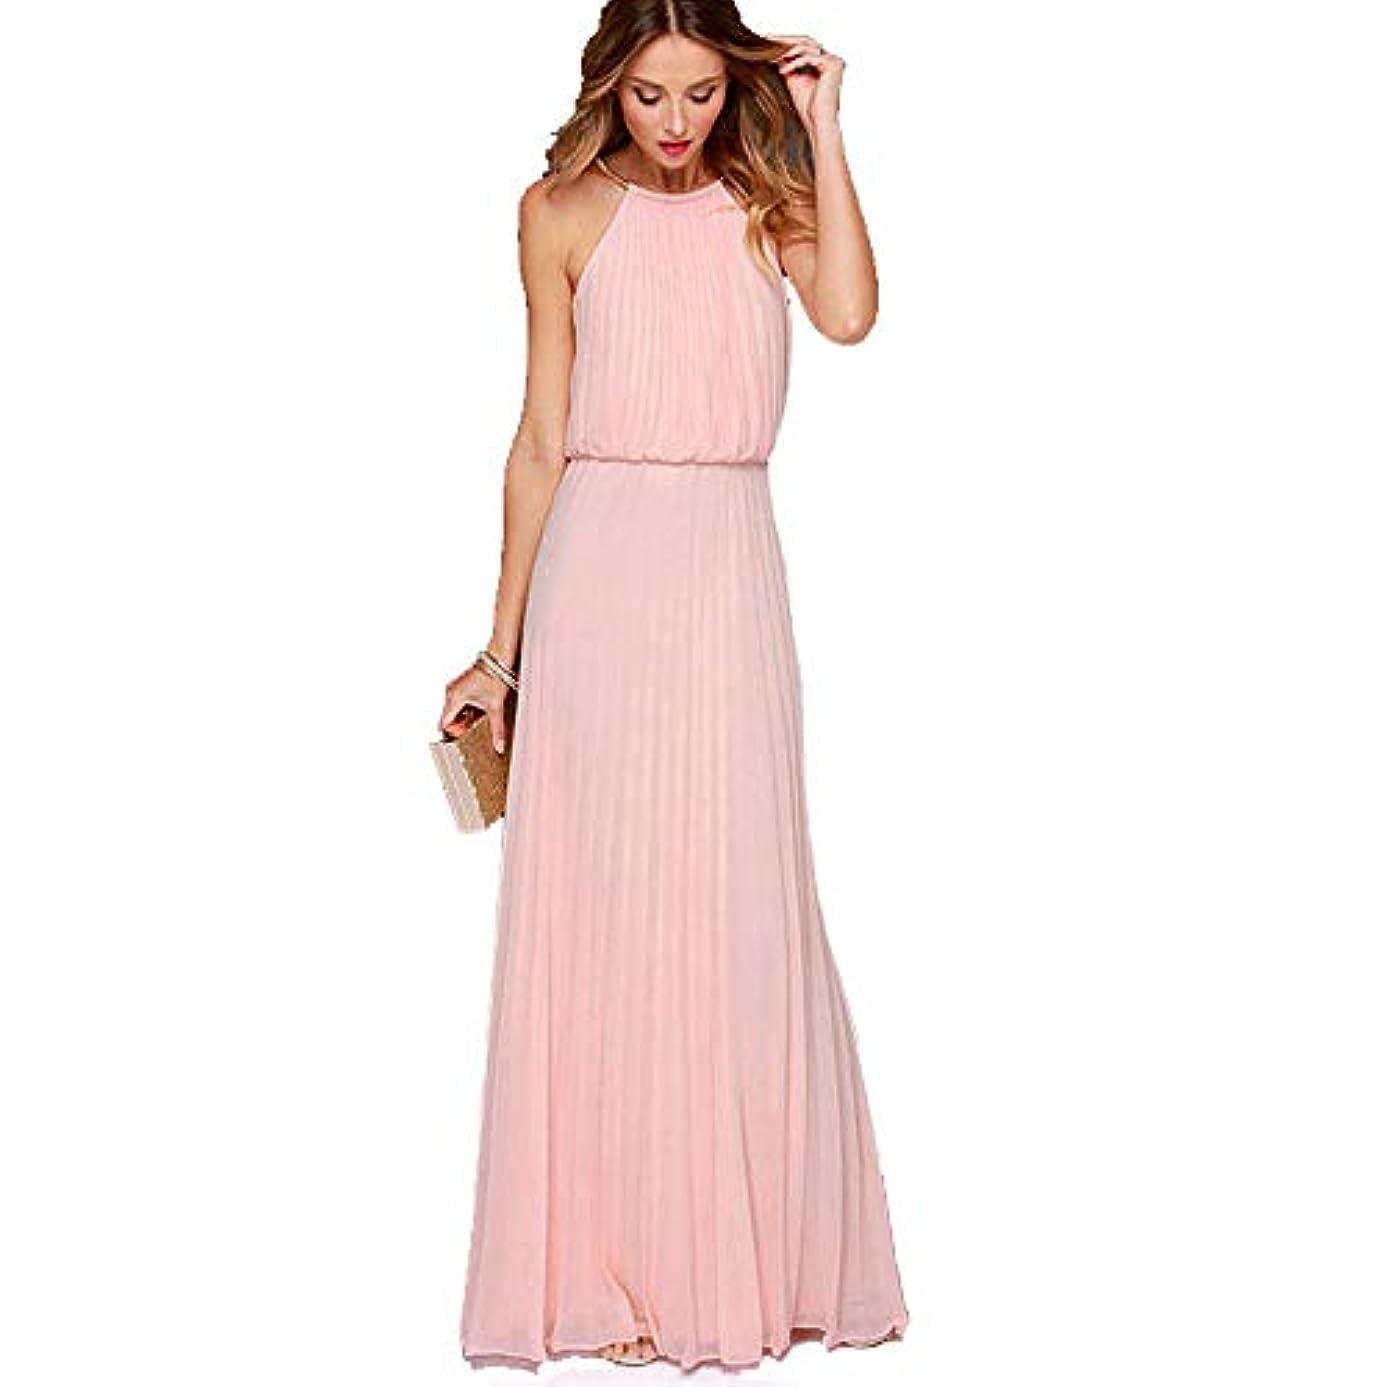 服を片付ける言語学アナニバーMIFANロングドレス、セクシーなドレス、エレガント、女性のファッション、ノースリーブのドレス、ファッションドレス、ニット、スリム